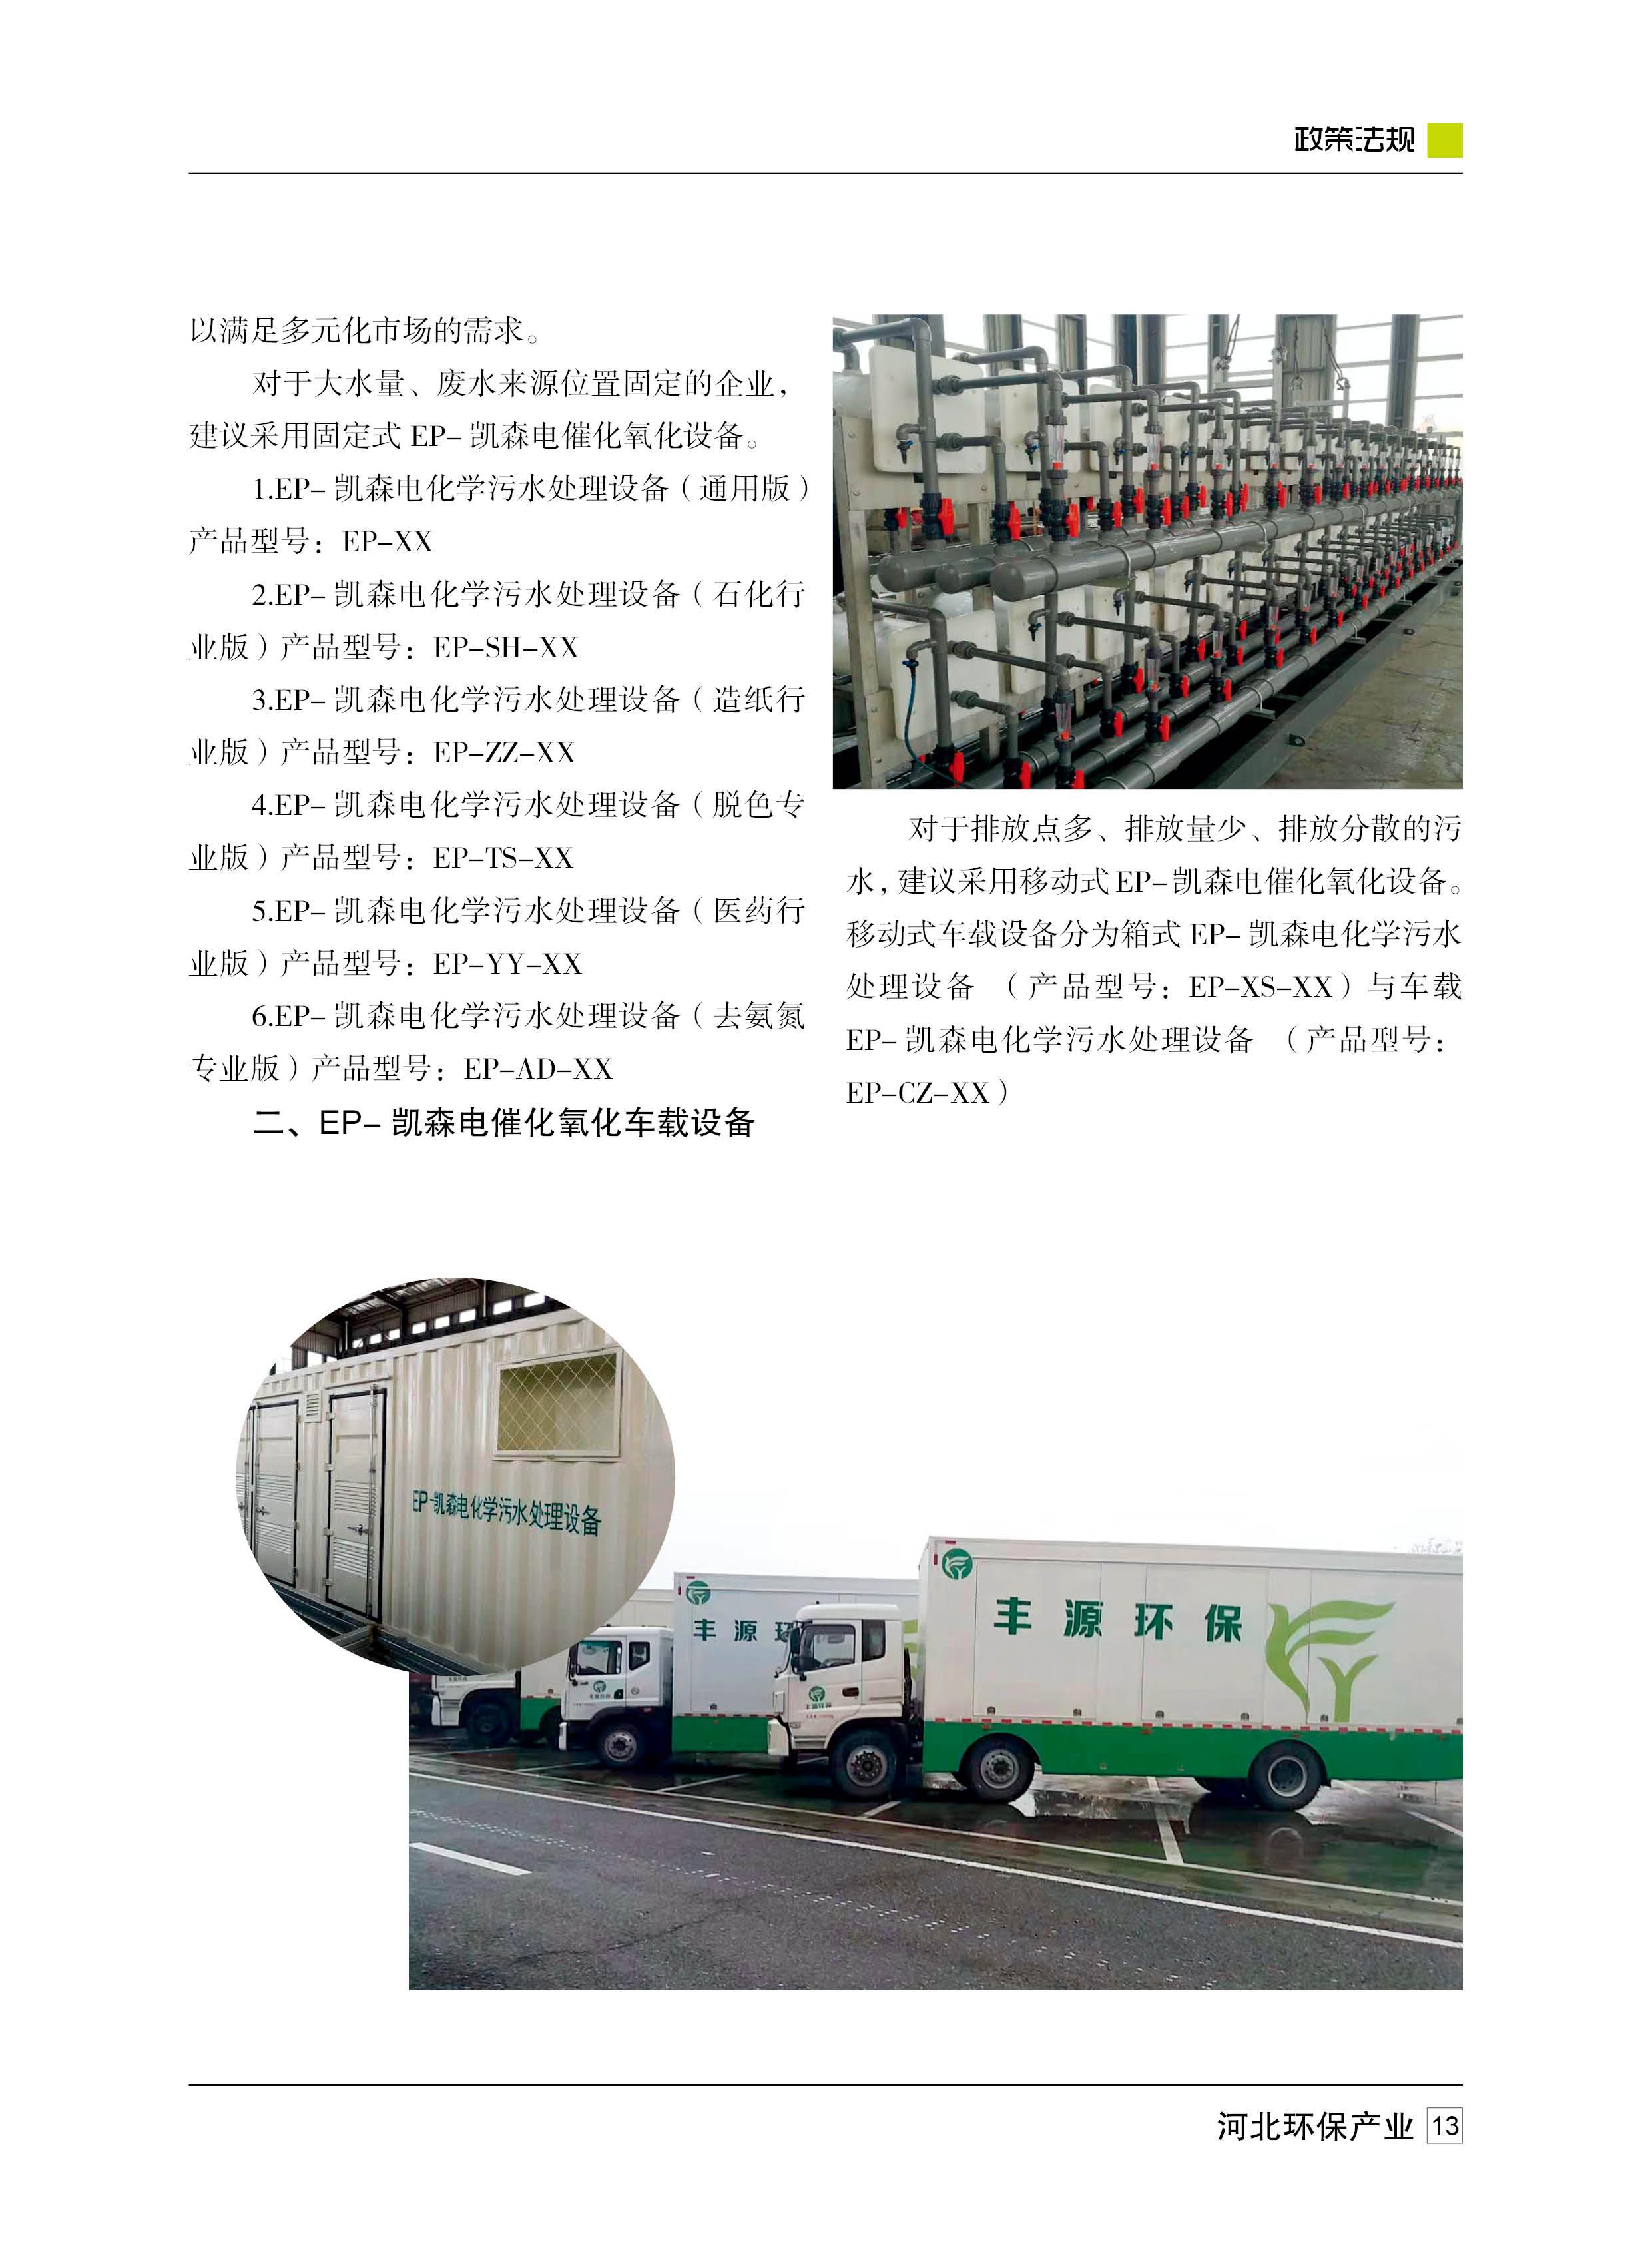 环保杂志4期-定稿13.jpg